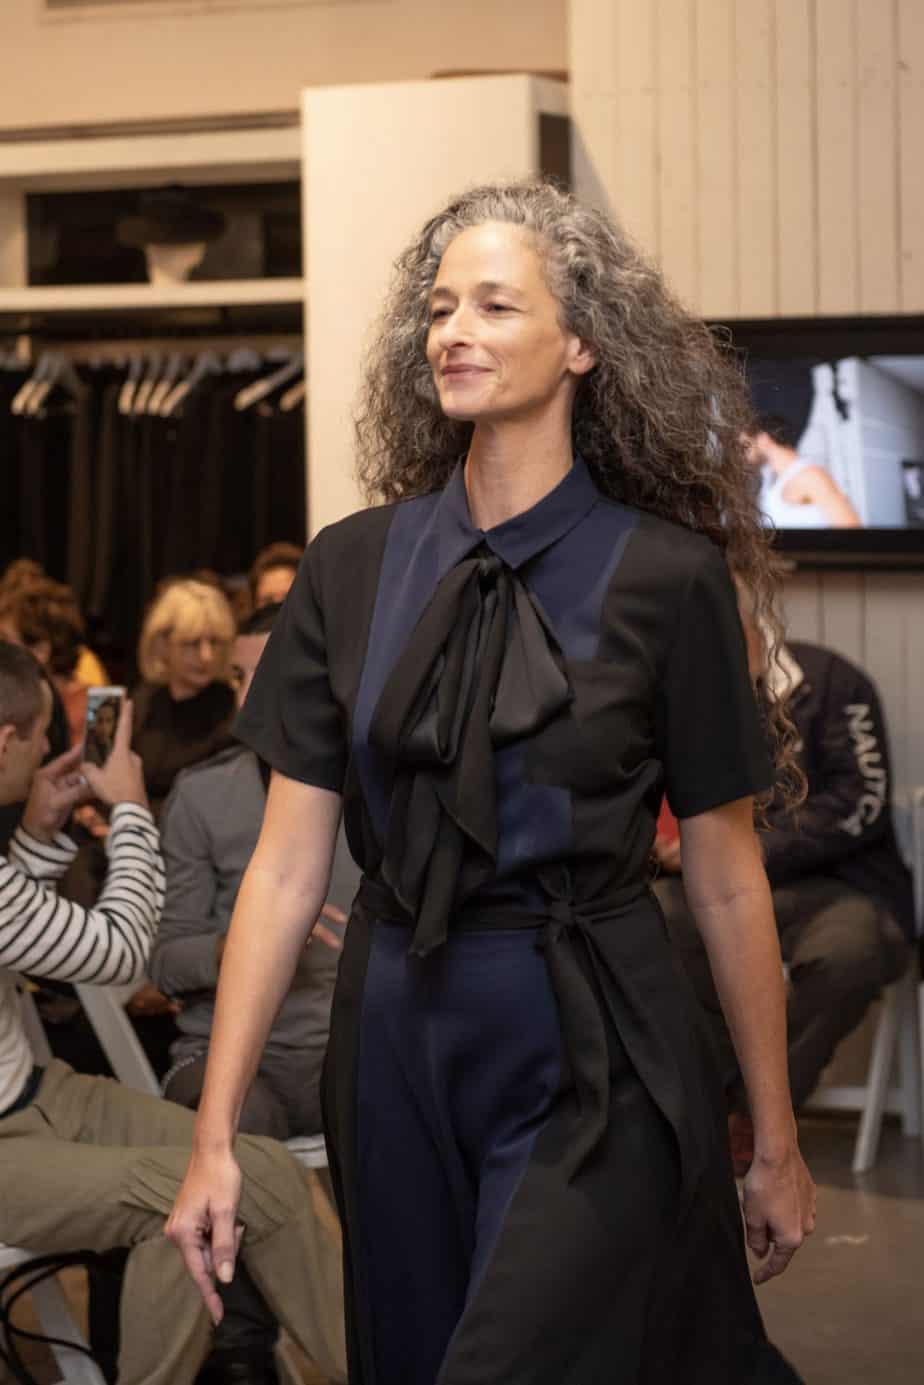 קום איל פו. תצוגת אופנה סתיו חורף 208-19. צילום: יניב לוי -321